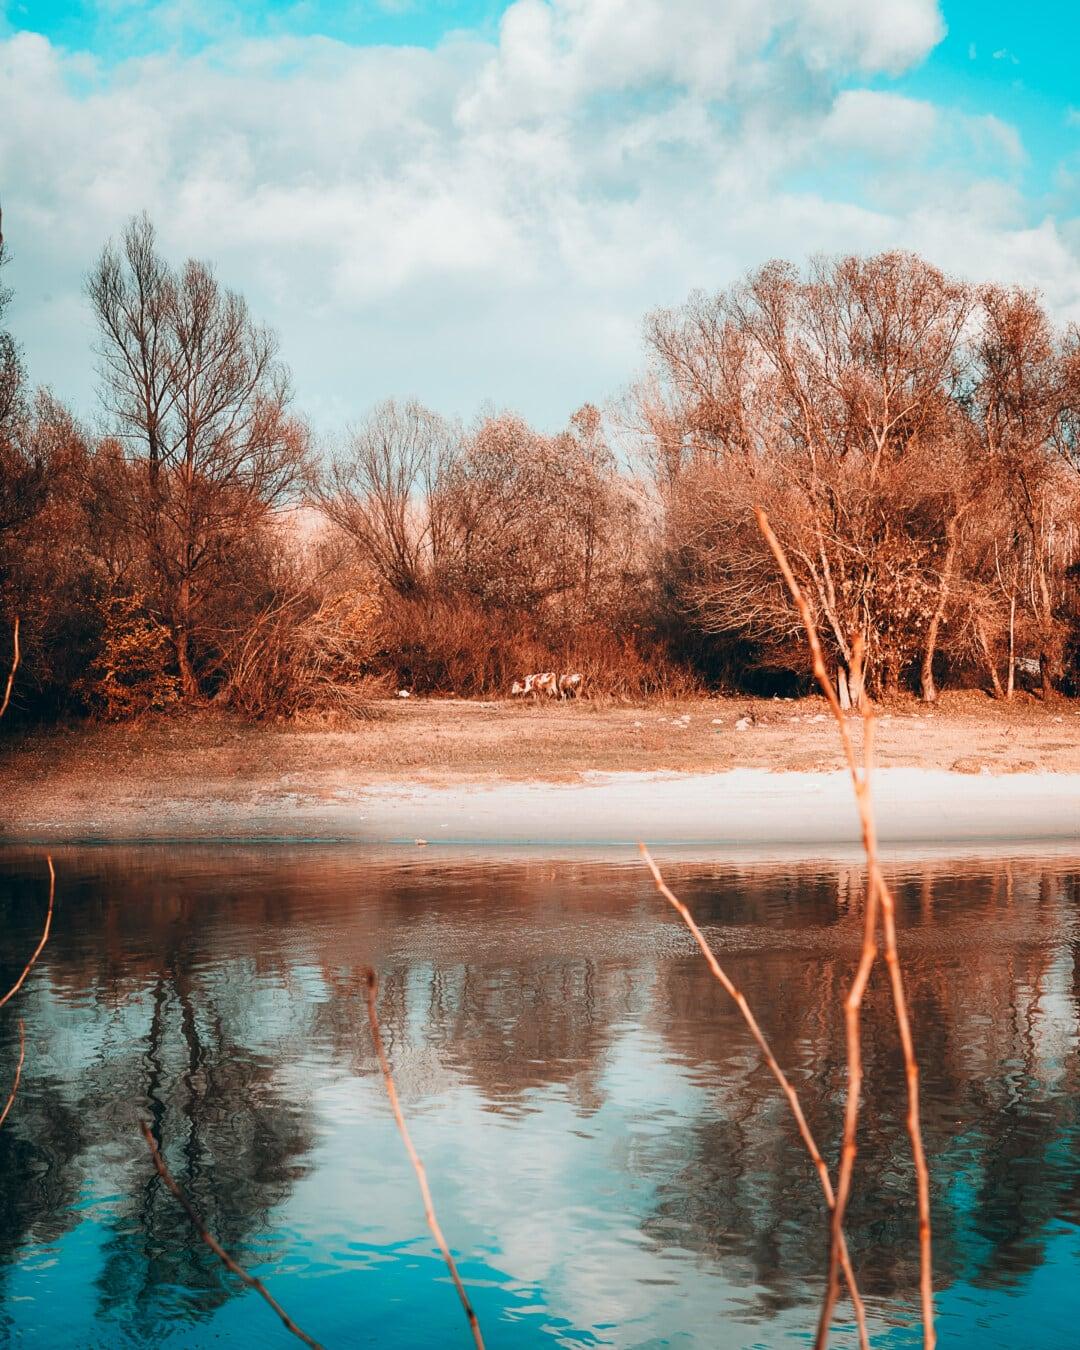 Dämmerung, Landschaft, Wald, Reflexion, Fluss, Wasser, Struktur, Natur, Holz, Sonnenuntergang